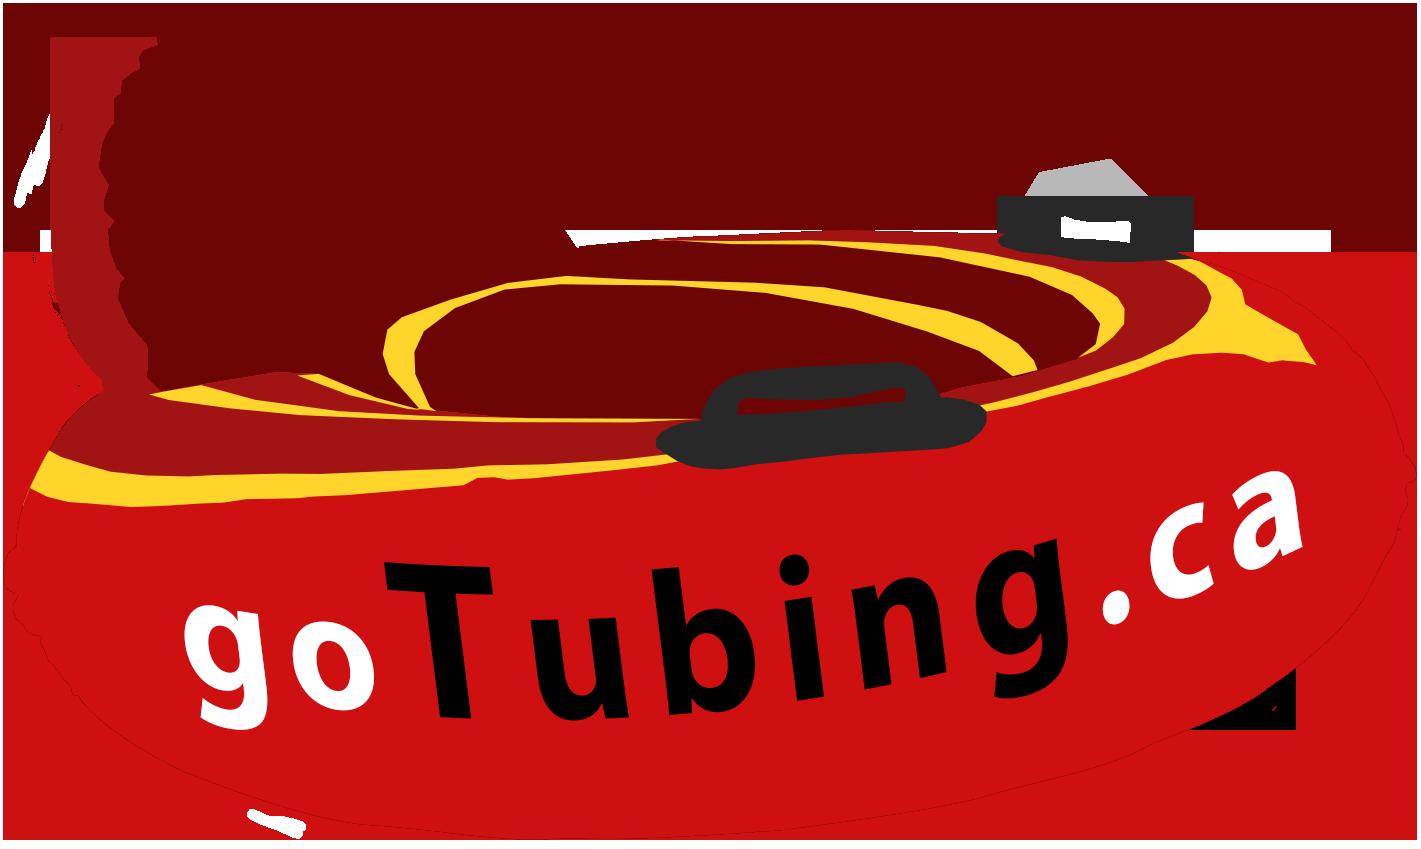 go.tubing.ca